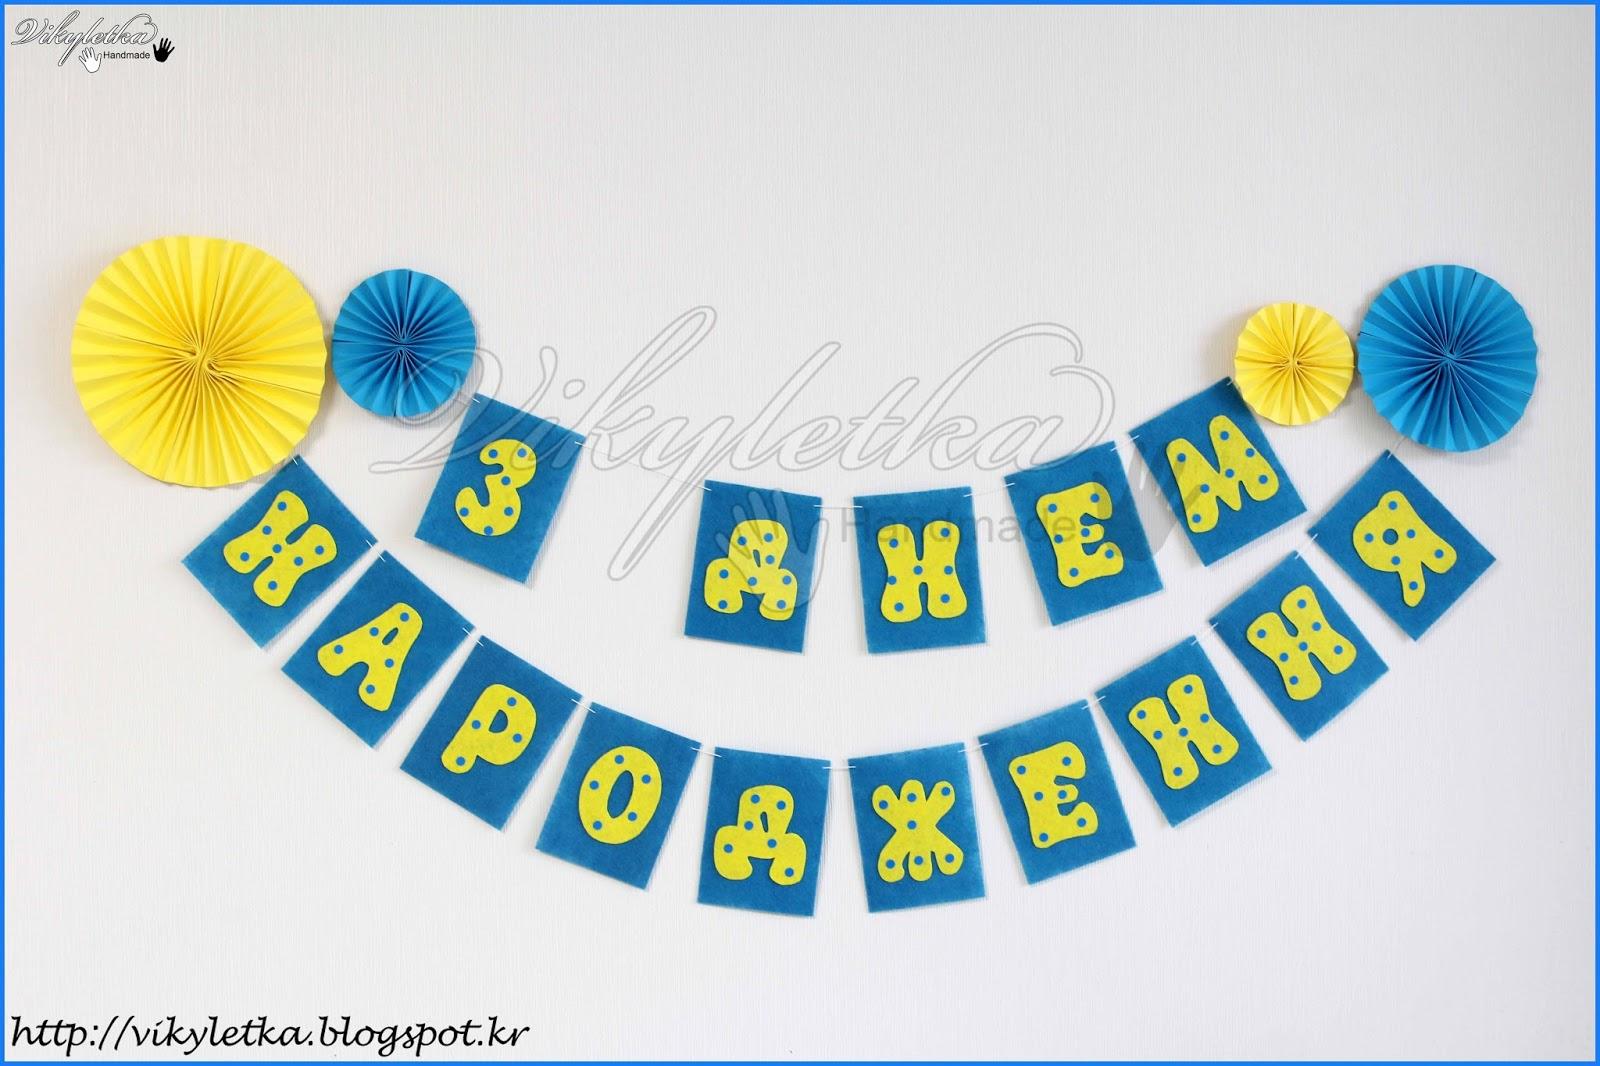 Гирлянда С днем рождения! с фотографиями ребенка 36